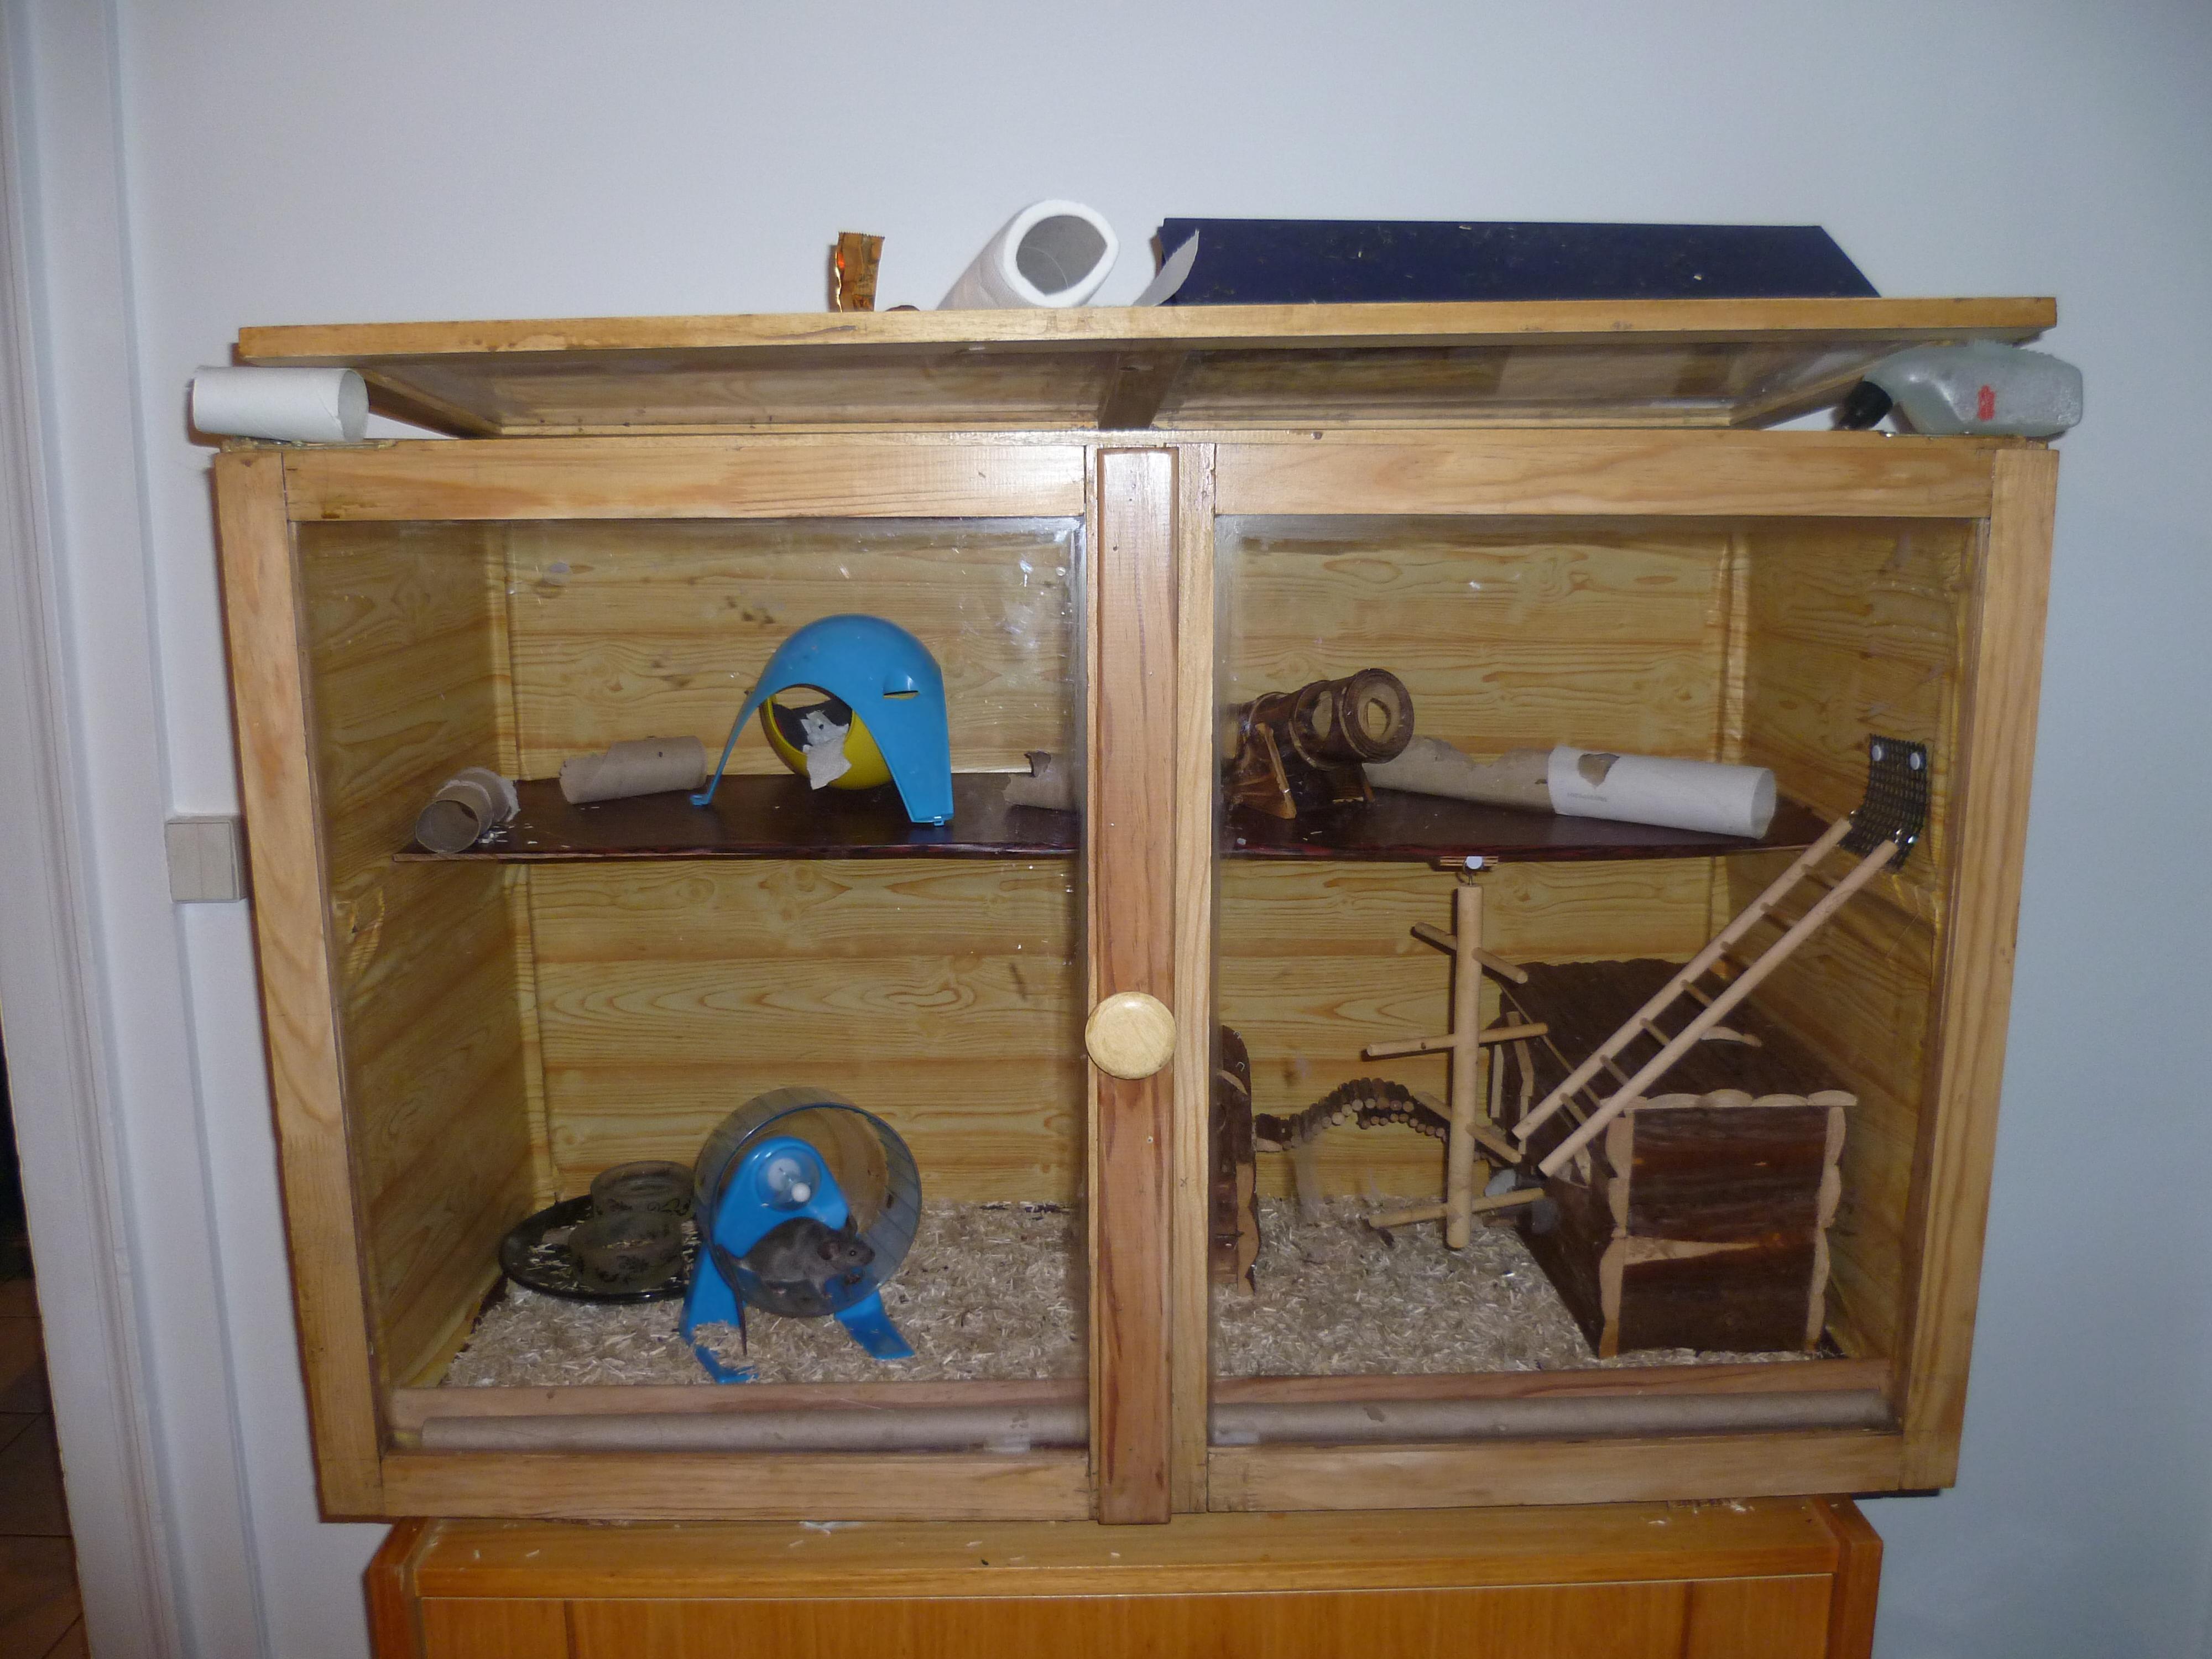 maison pour souris taupier sur la france. Black Bedroom Furniture Sets. Home Design Ideas